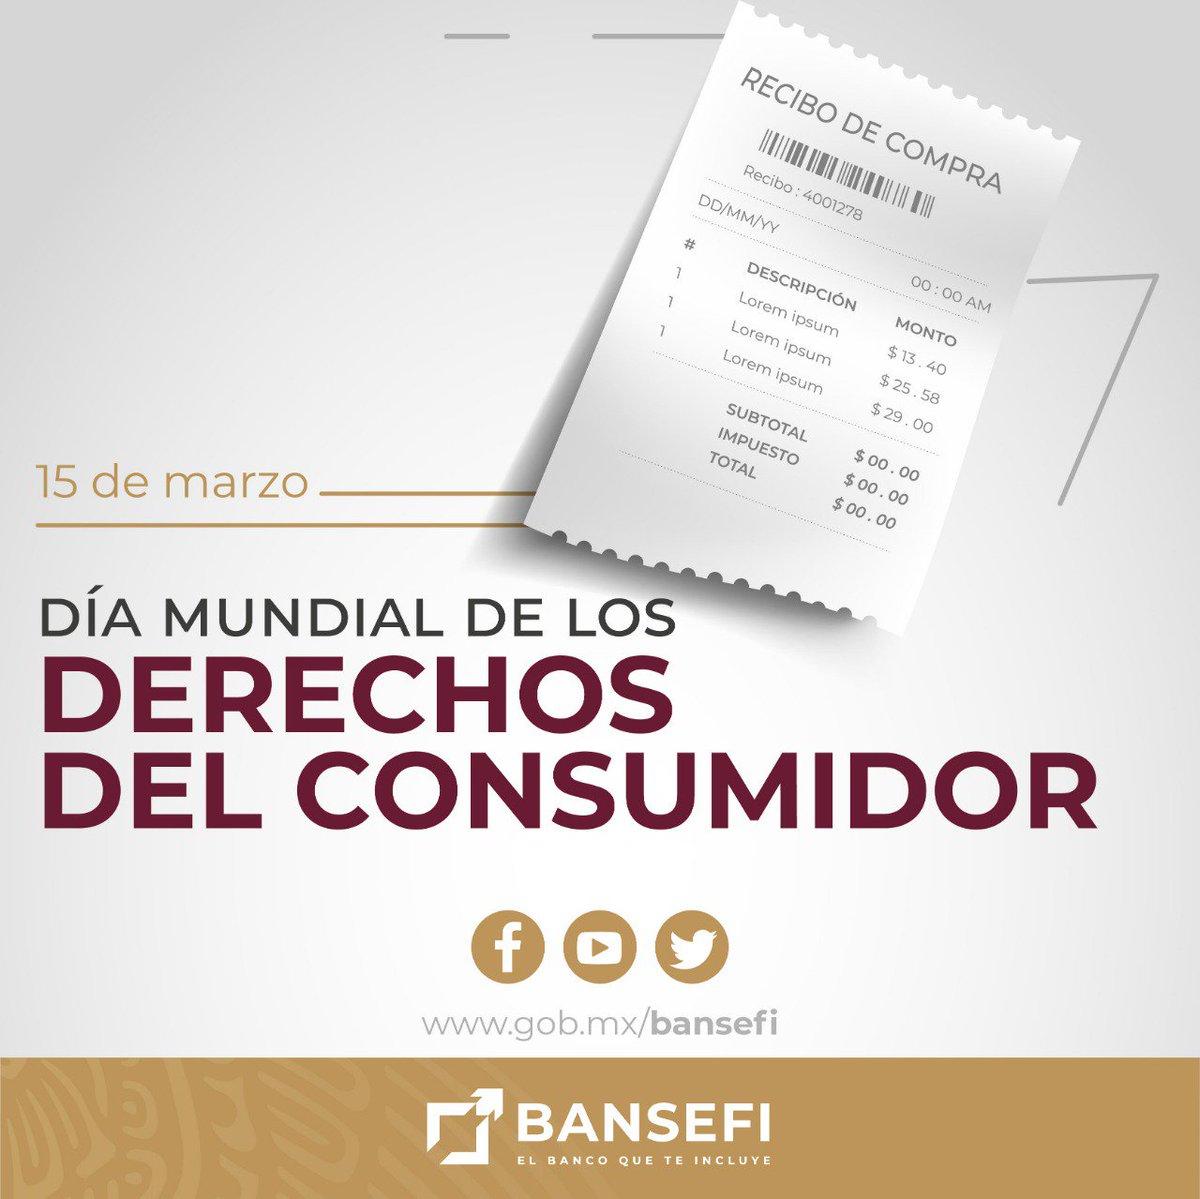 BANSEFI's photo on Derechos del Consumidor